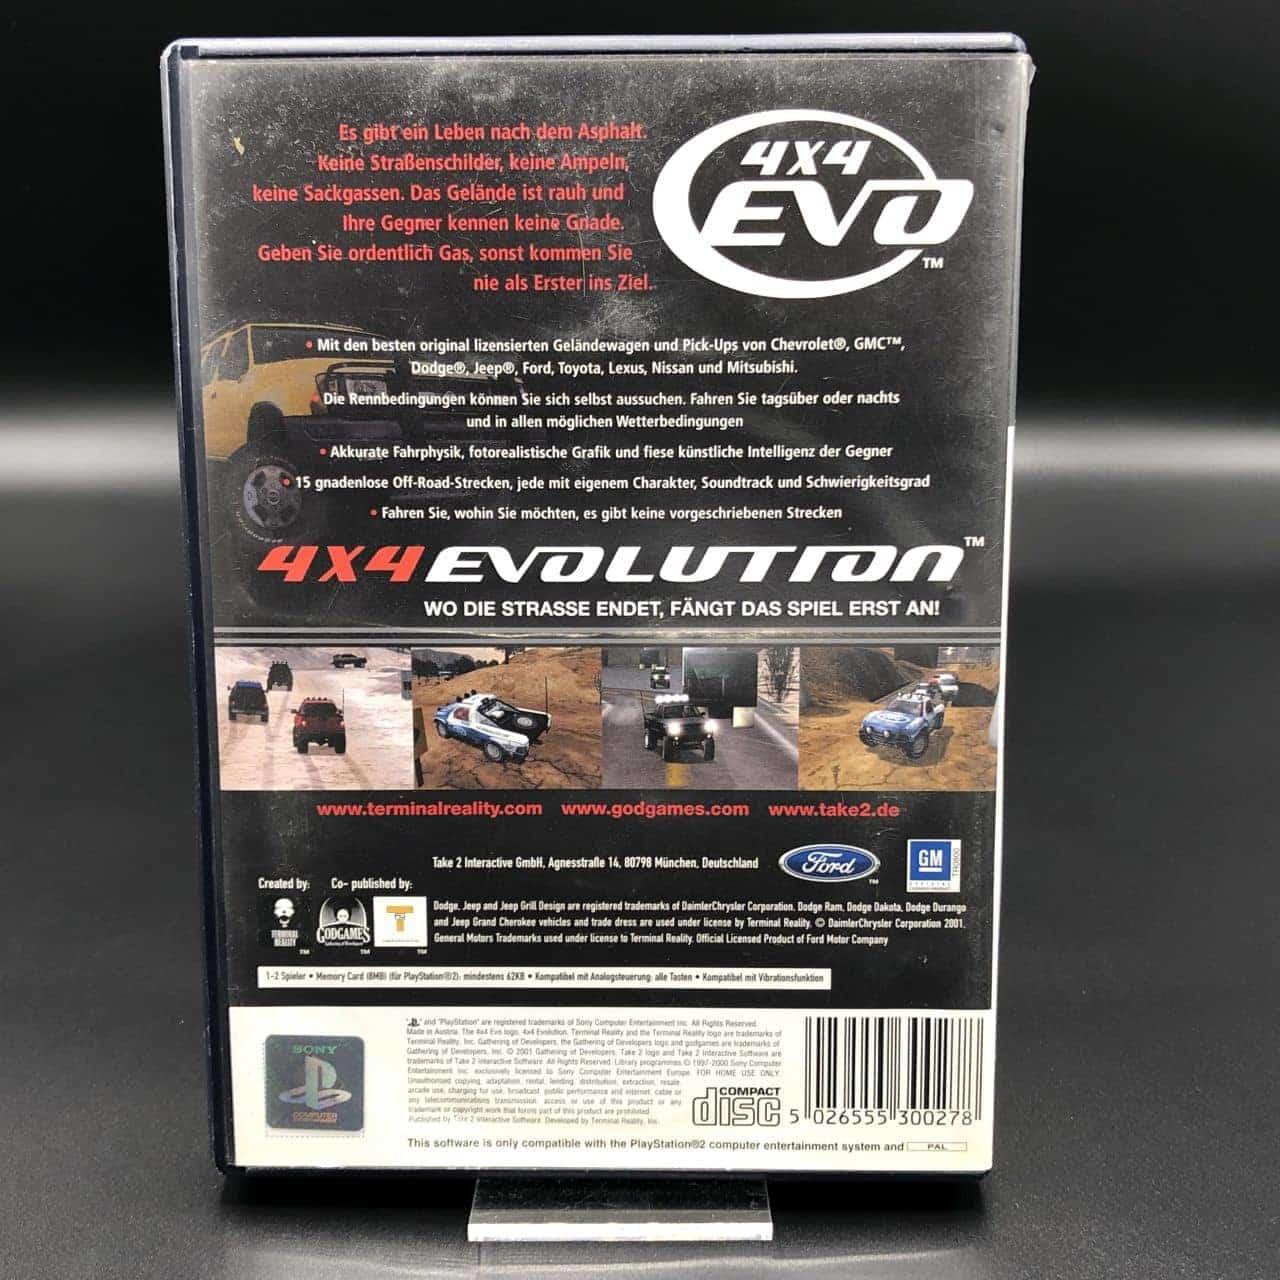 PS2 4x4 EVO (Komplett) (Gebrauchsspuren) Sony PlayStation 2